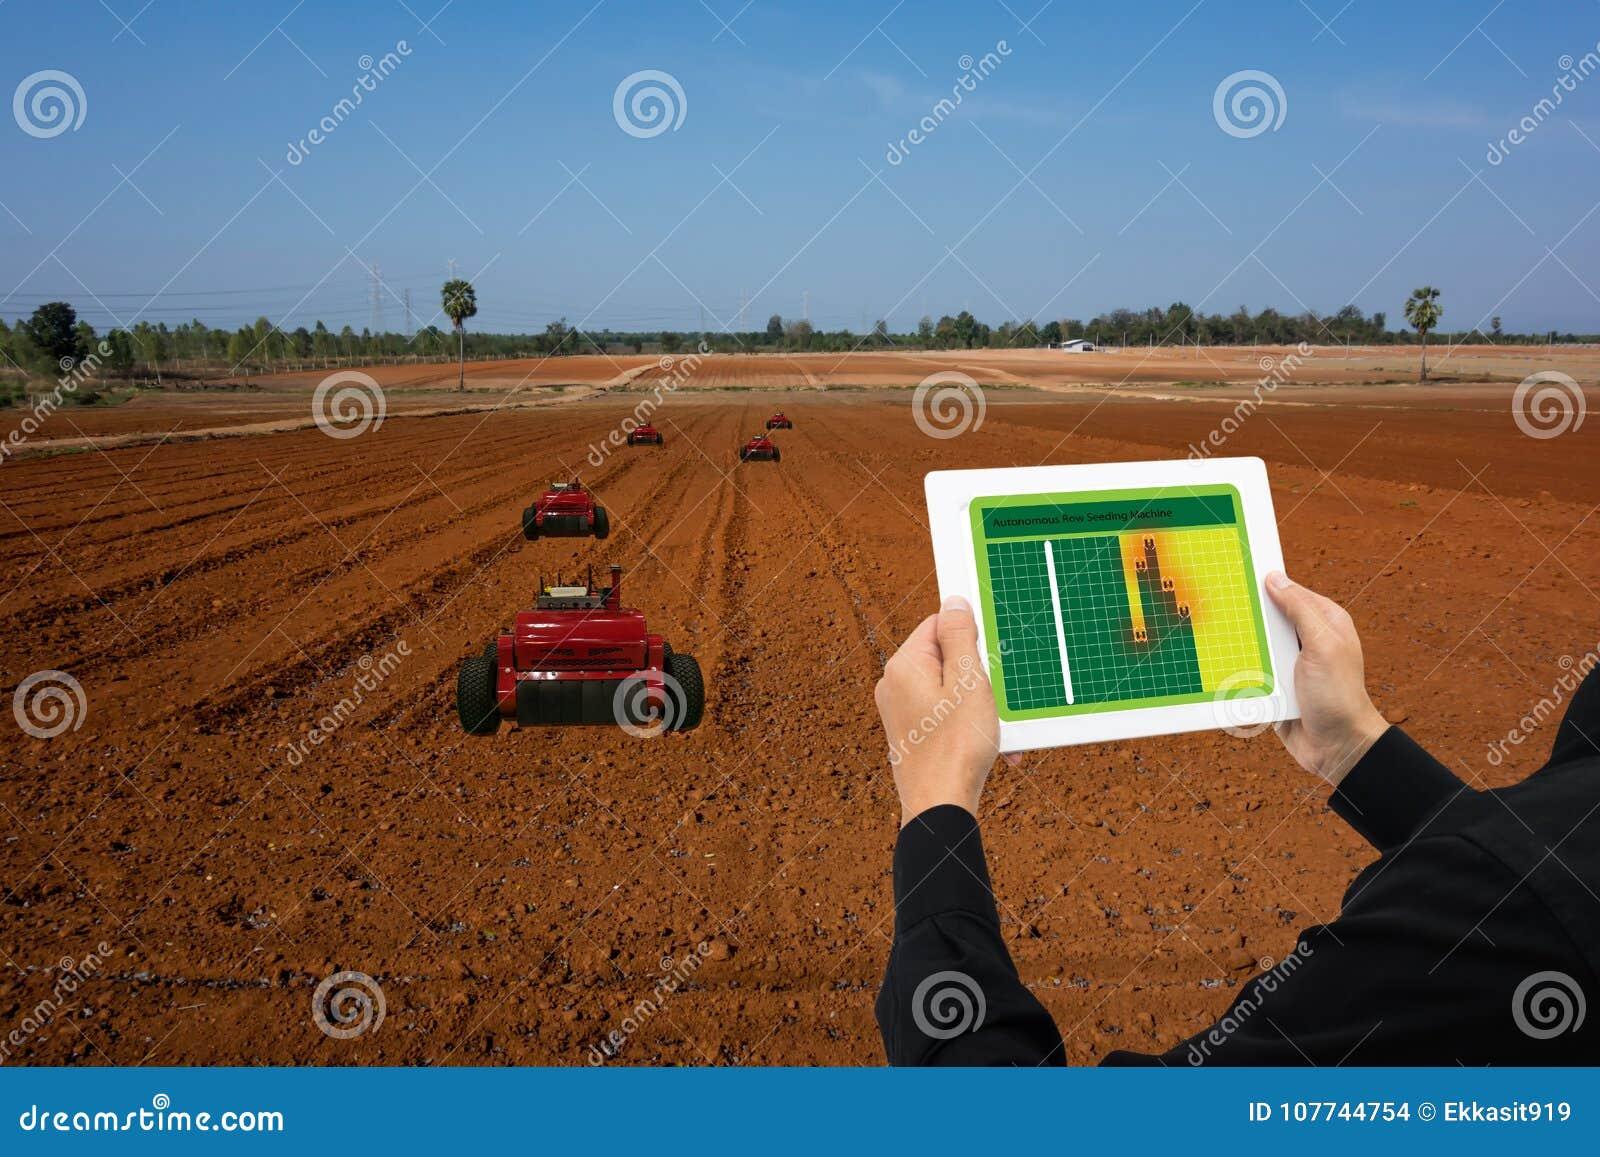 Робот 4 индустрии Iot умный 0 концепций земледелия, промышленный agronomist, фермер используя таблетку для того чтобы контролиров